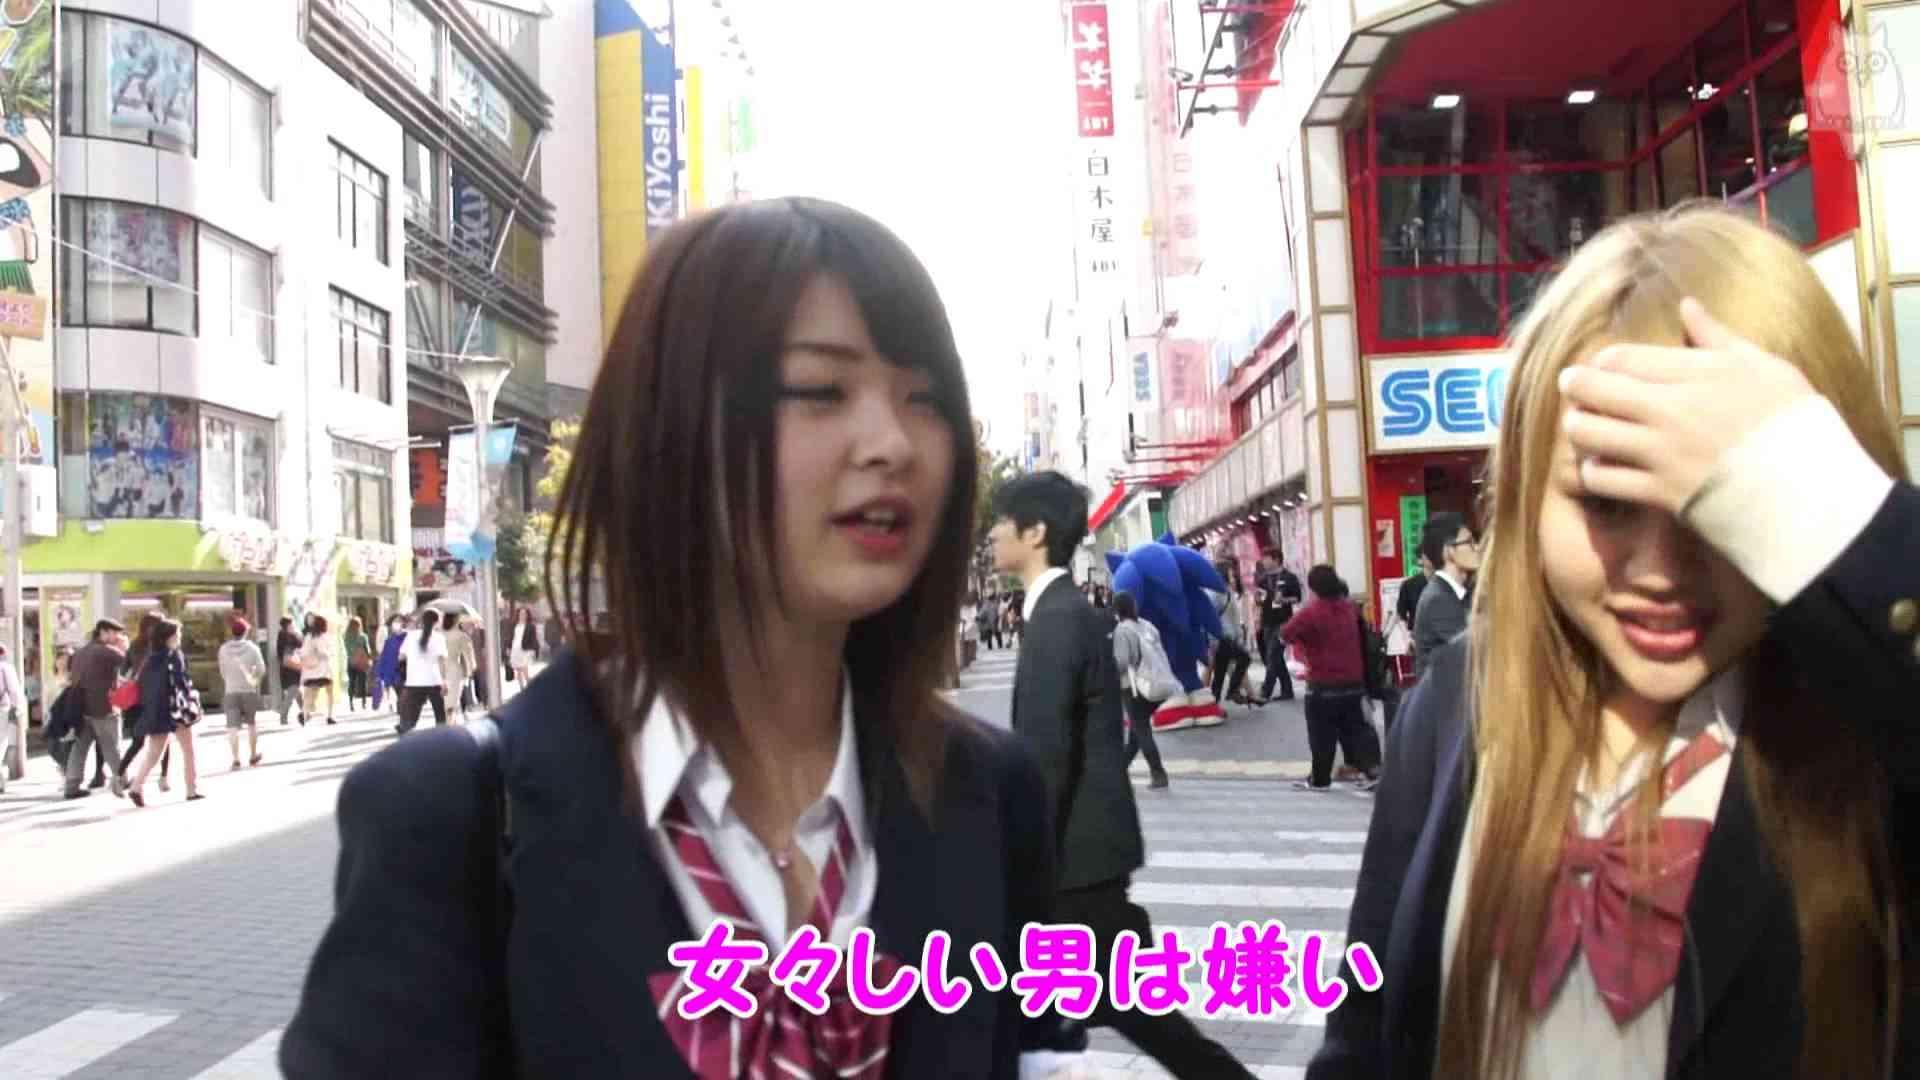 可愛いギャルJK♥ 女子高生の夢は女社長!池袋☆街美人Vol.29 - YouTube